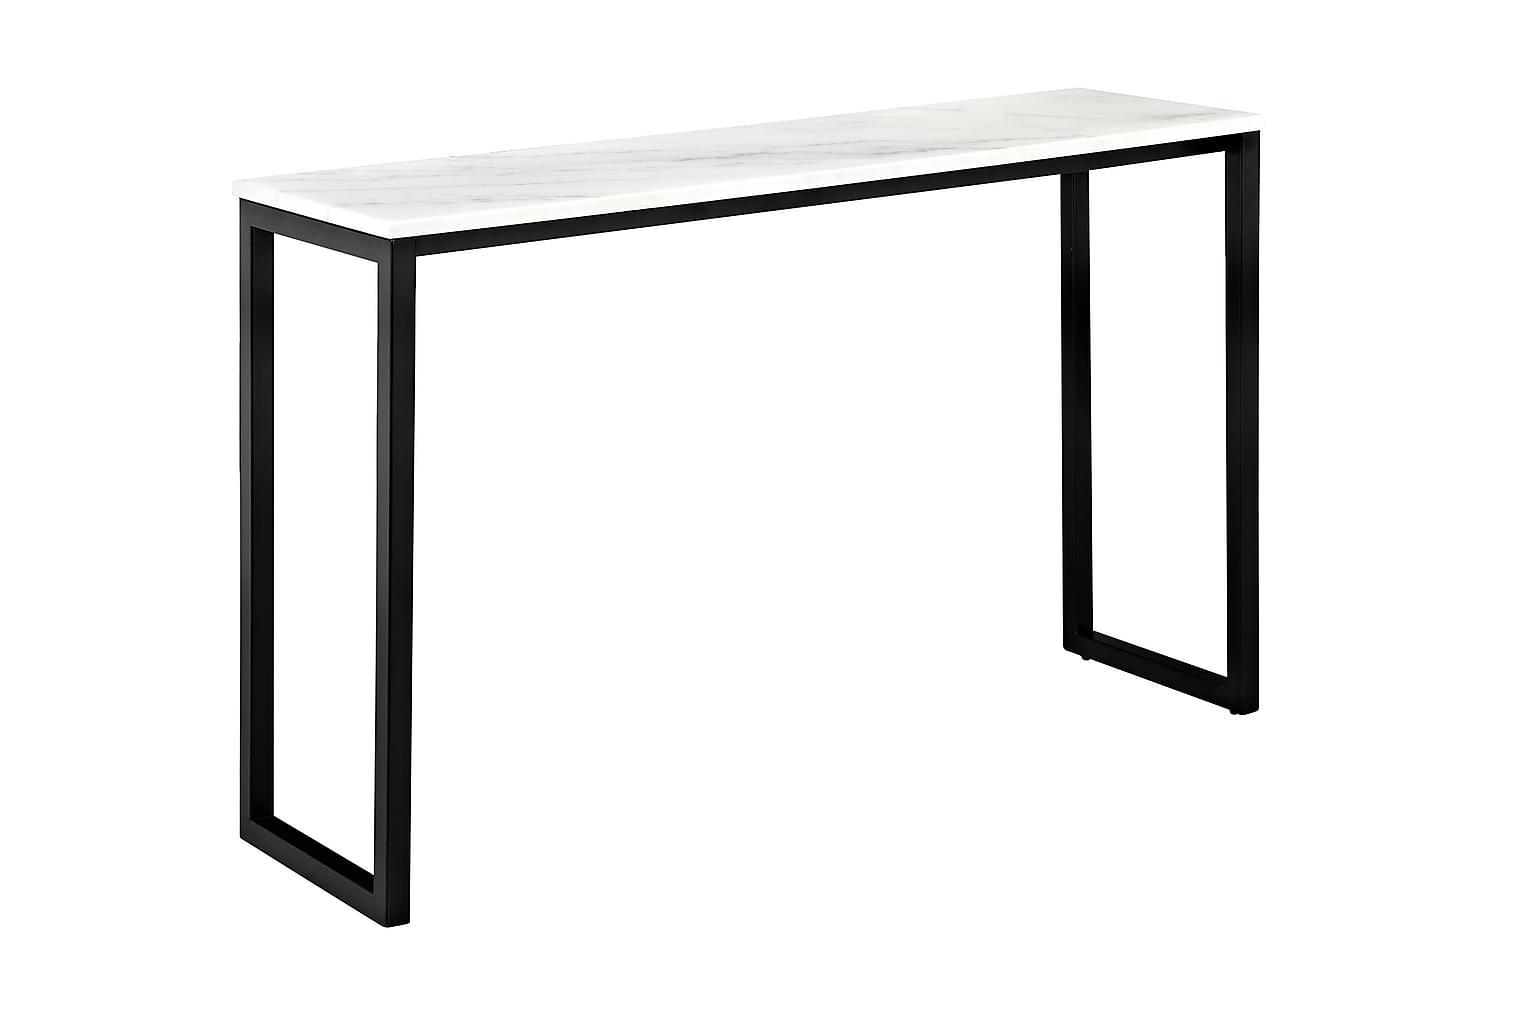 VICTOR Apupöytä 120 Musta/Valkoinen